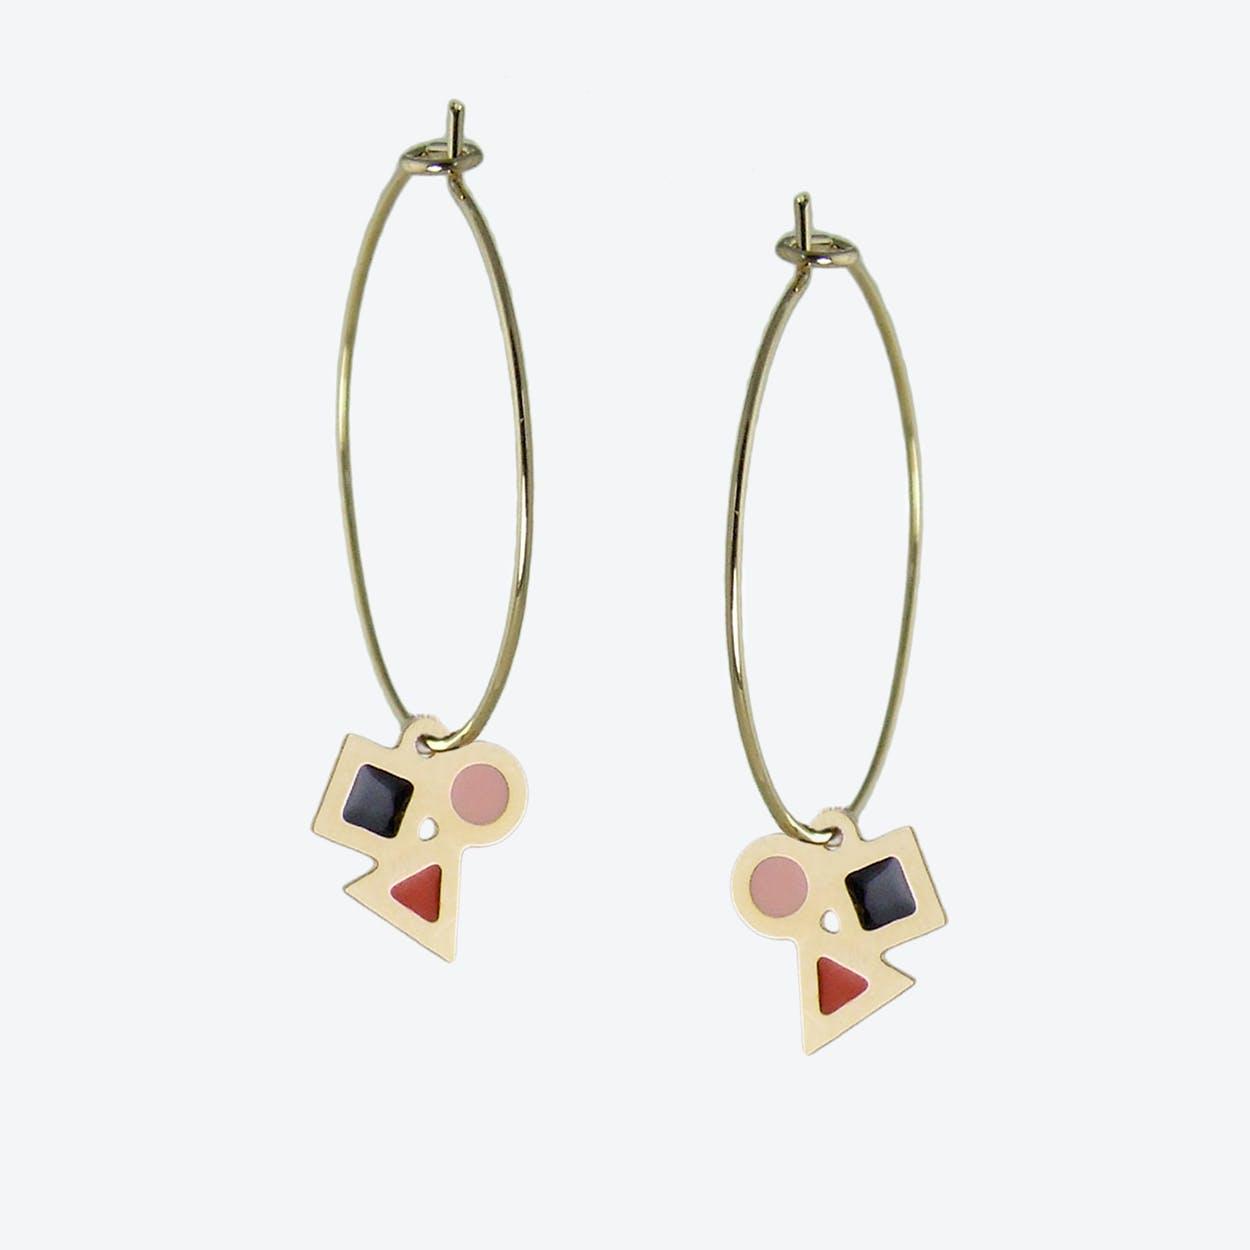 Delicate Geometric Hoop Earrings in Black, Blush Pink, and Rust